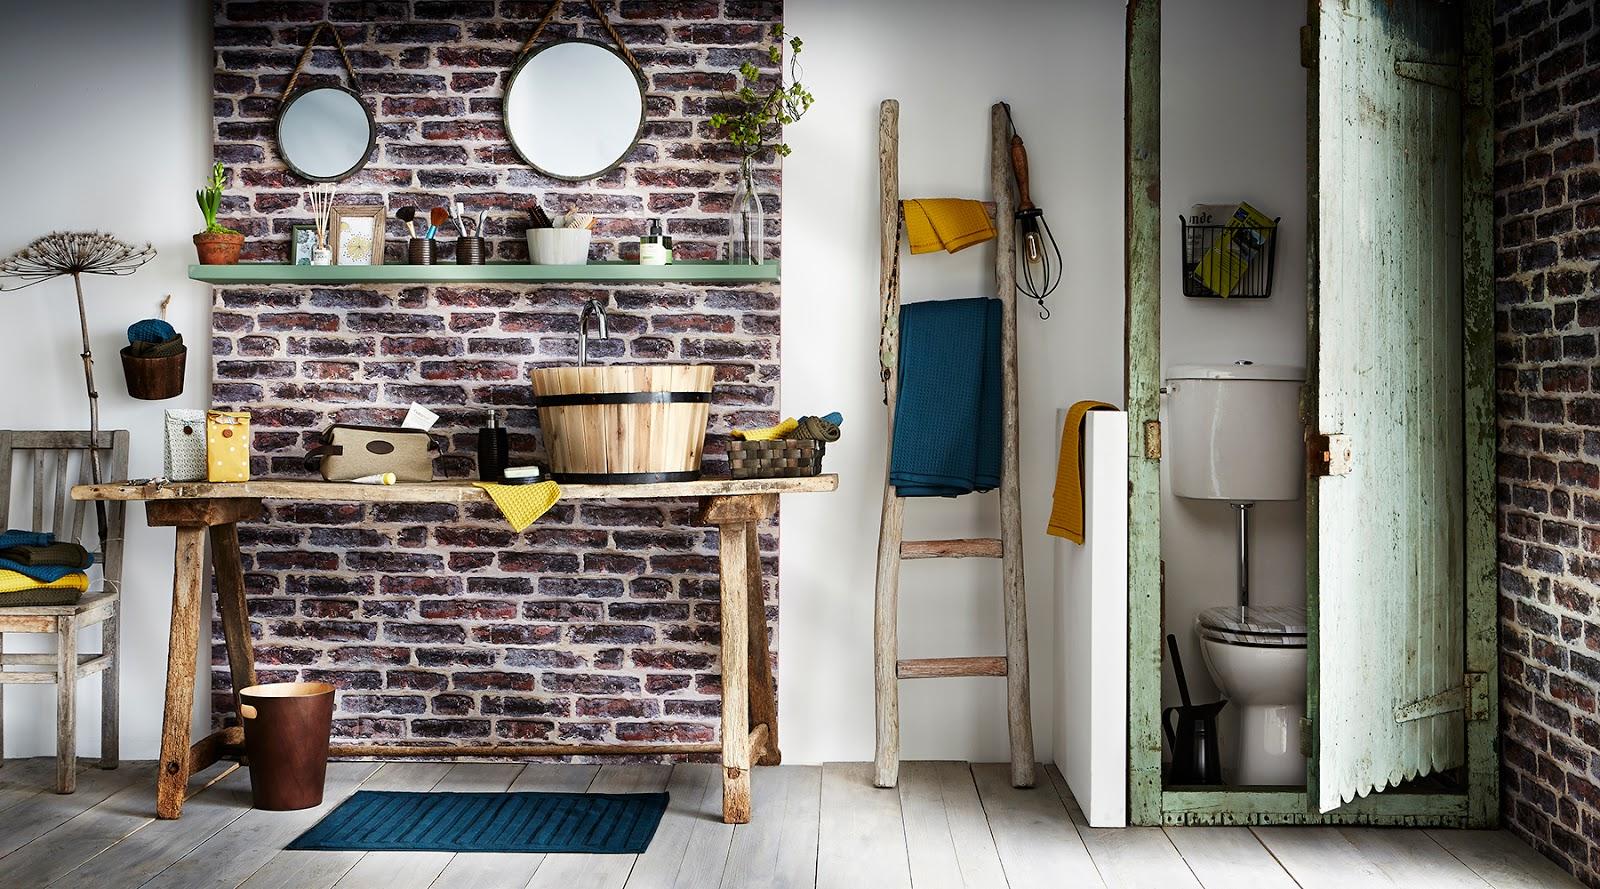 Decolau r alisation du d cor cabane pour zodio for Salon de la salle de bain